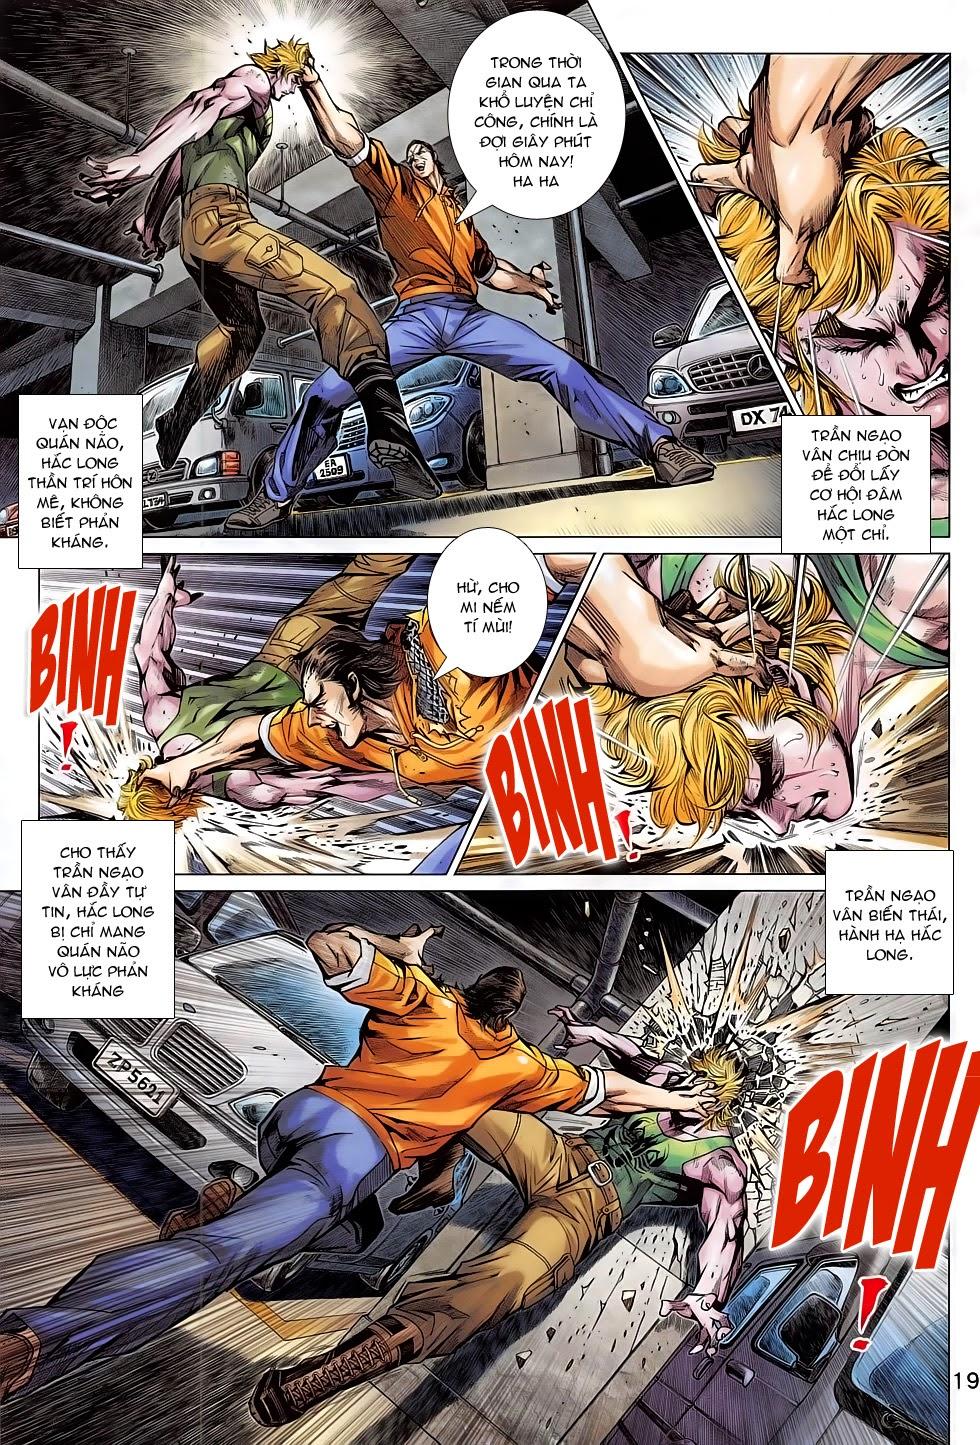 Tân Tác Long Hổ Môn chap 782 Trang 19 - Mangak.info